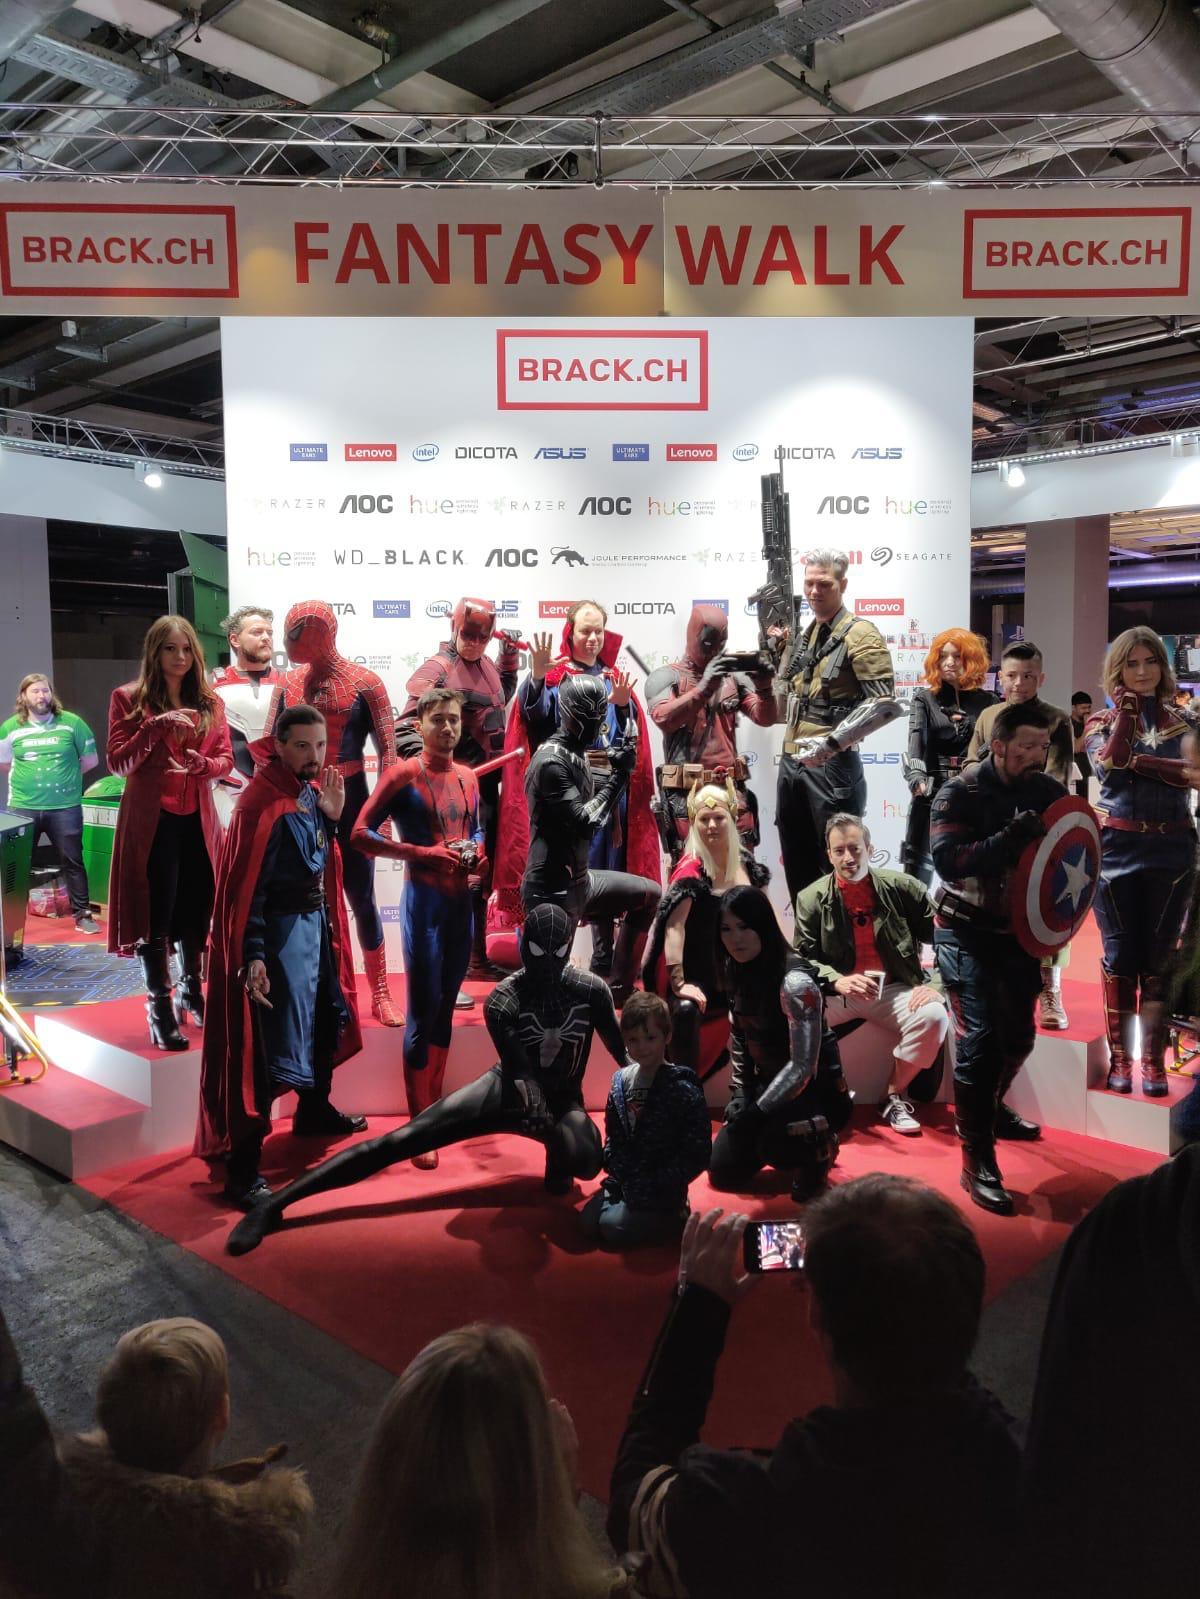 Avengers BRACK.CH PENGland Fantasy.jpg